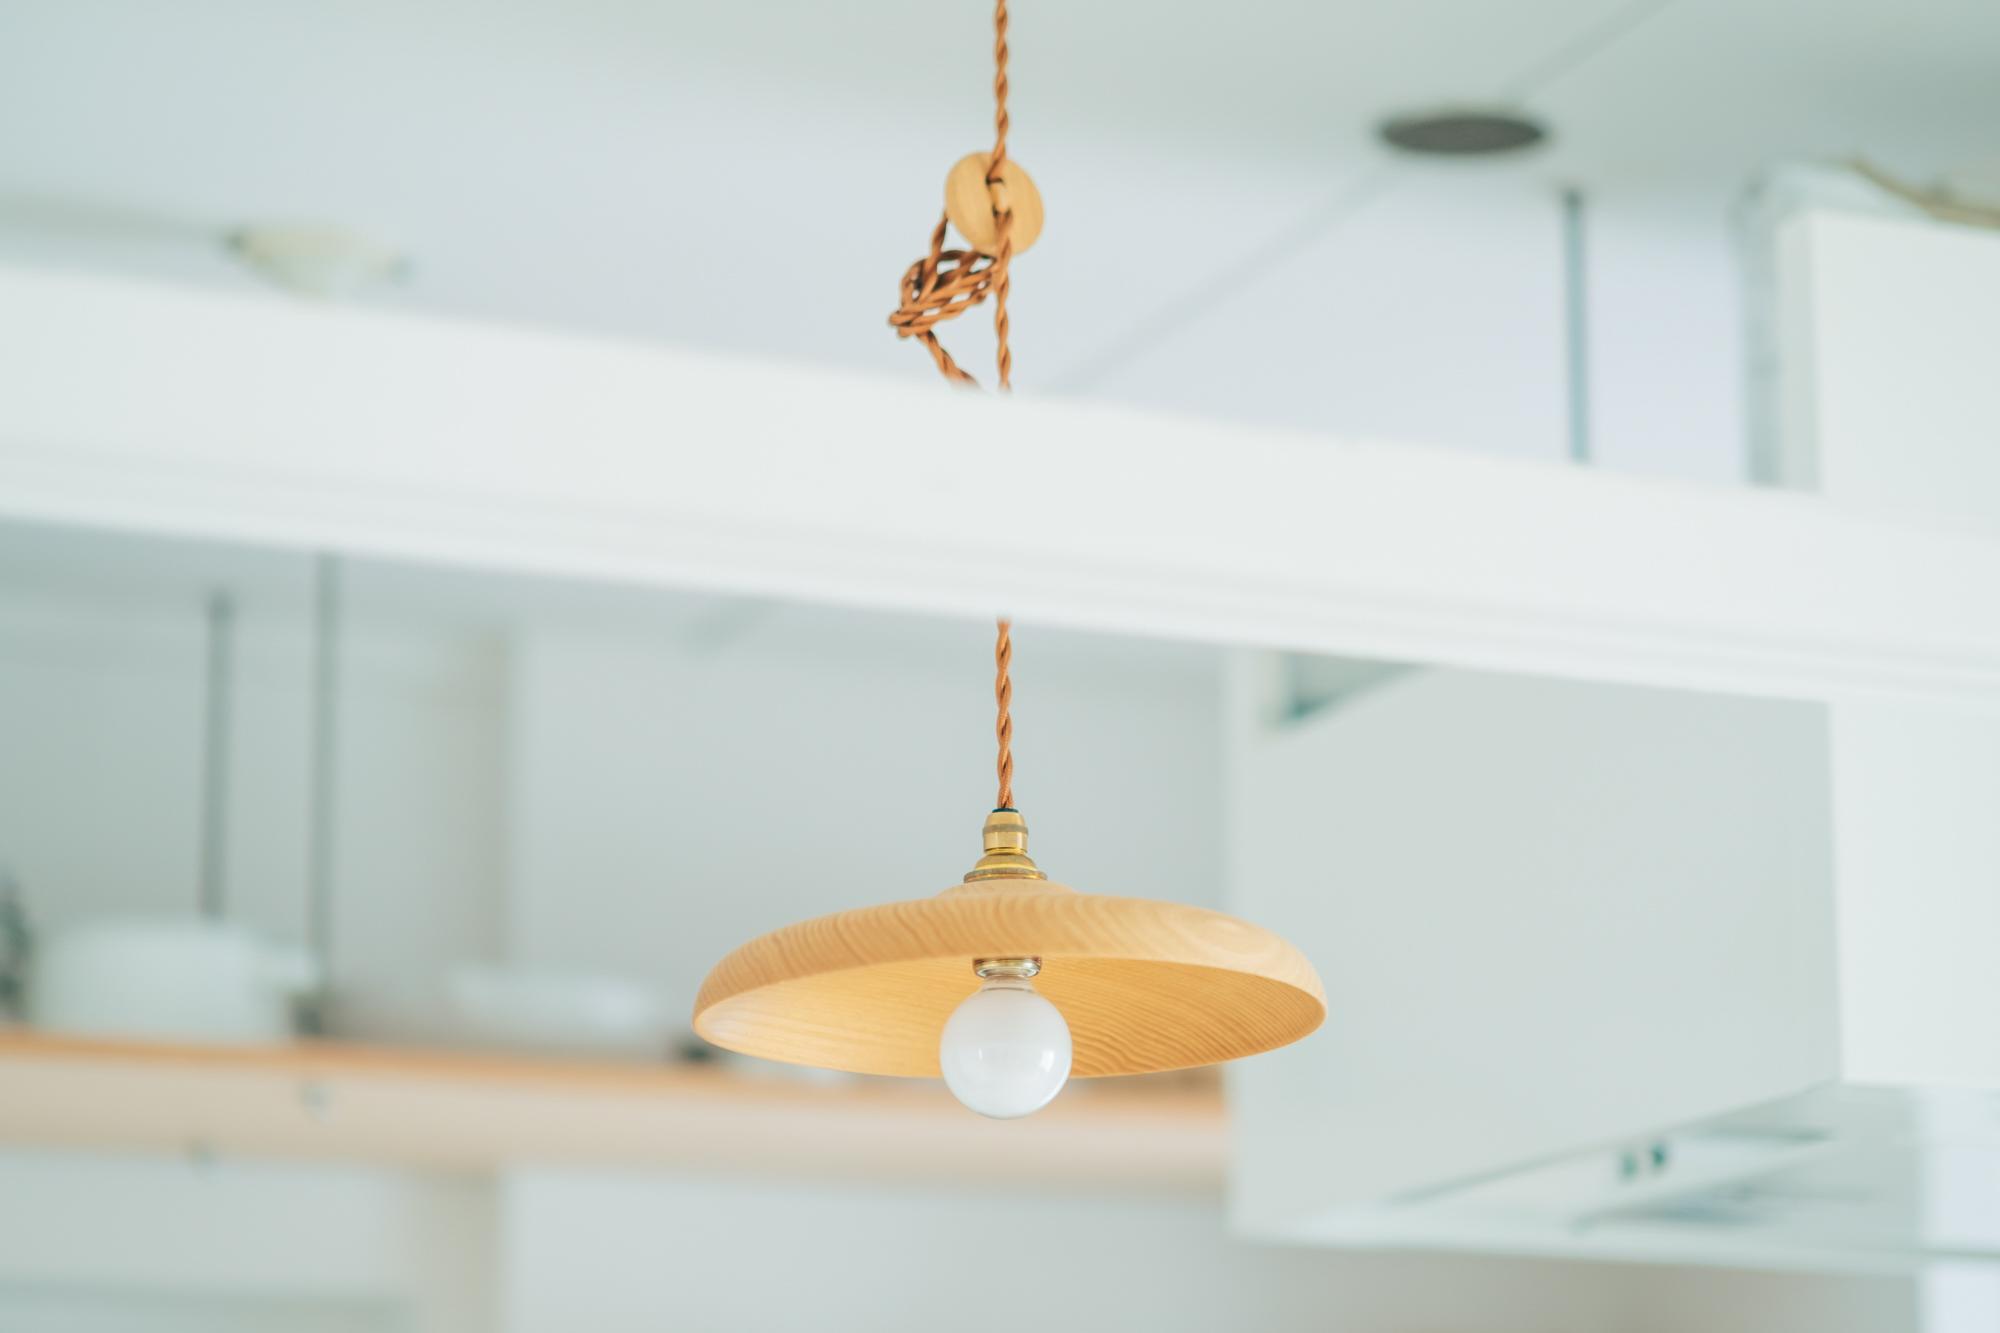 ダイニング・キッチンに吊るされたランプシェードや